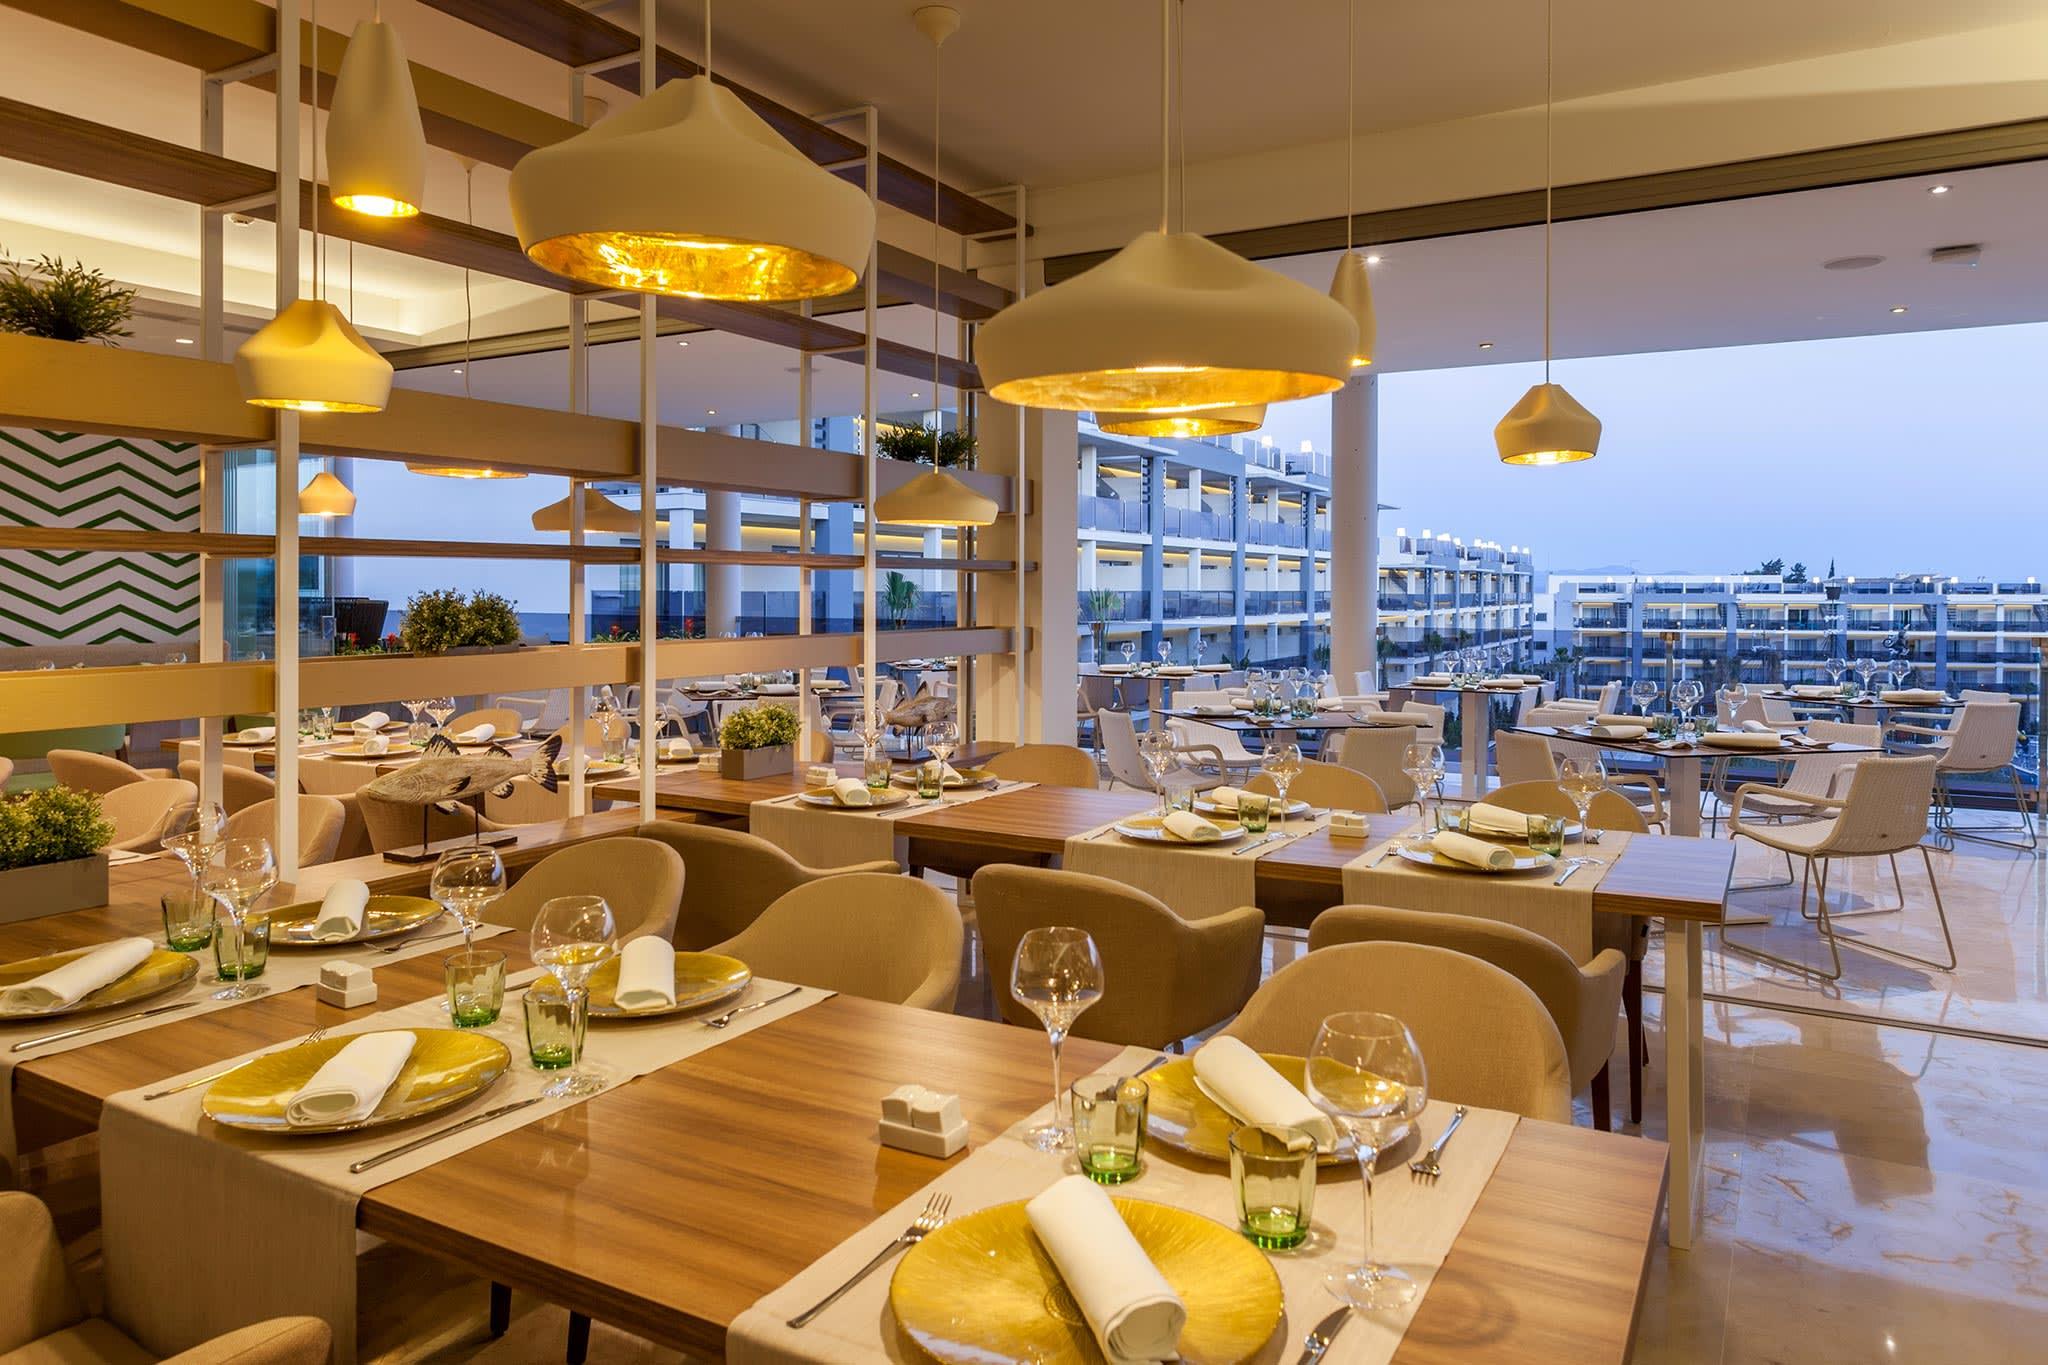 El olivo mediterranean restaurant